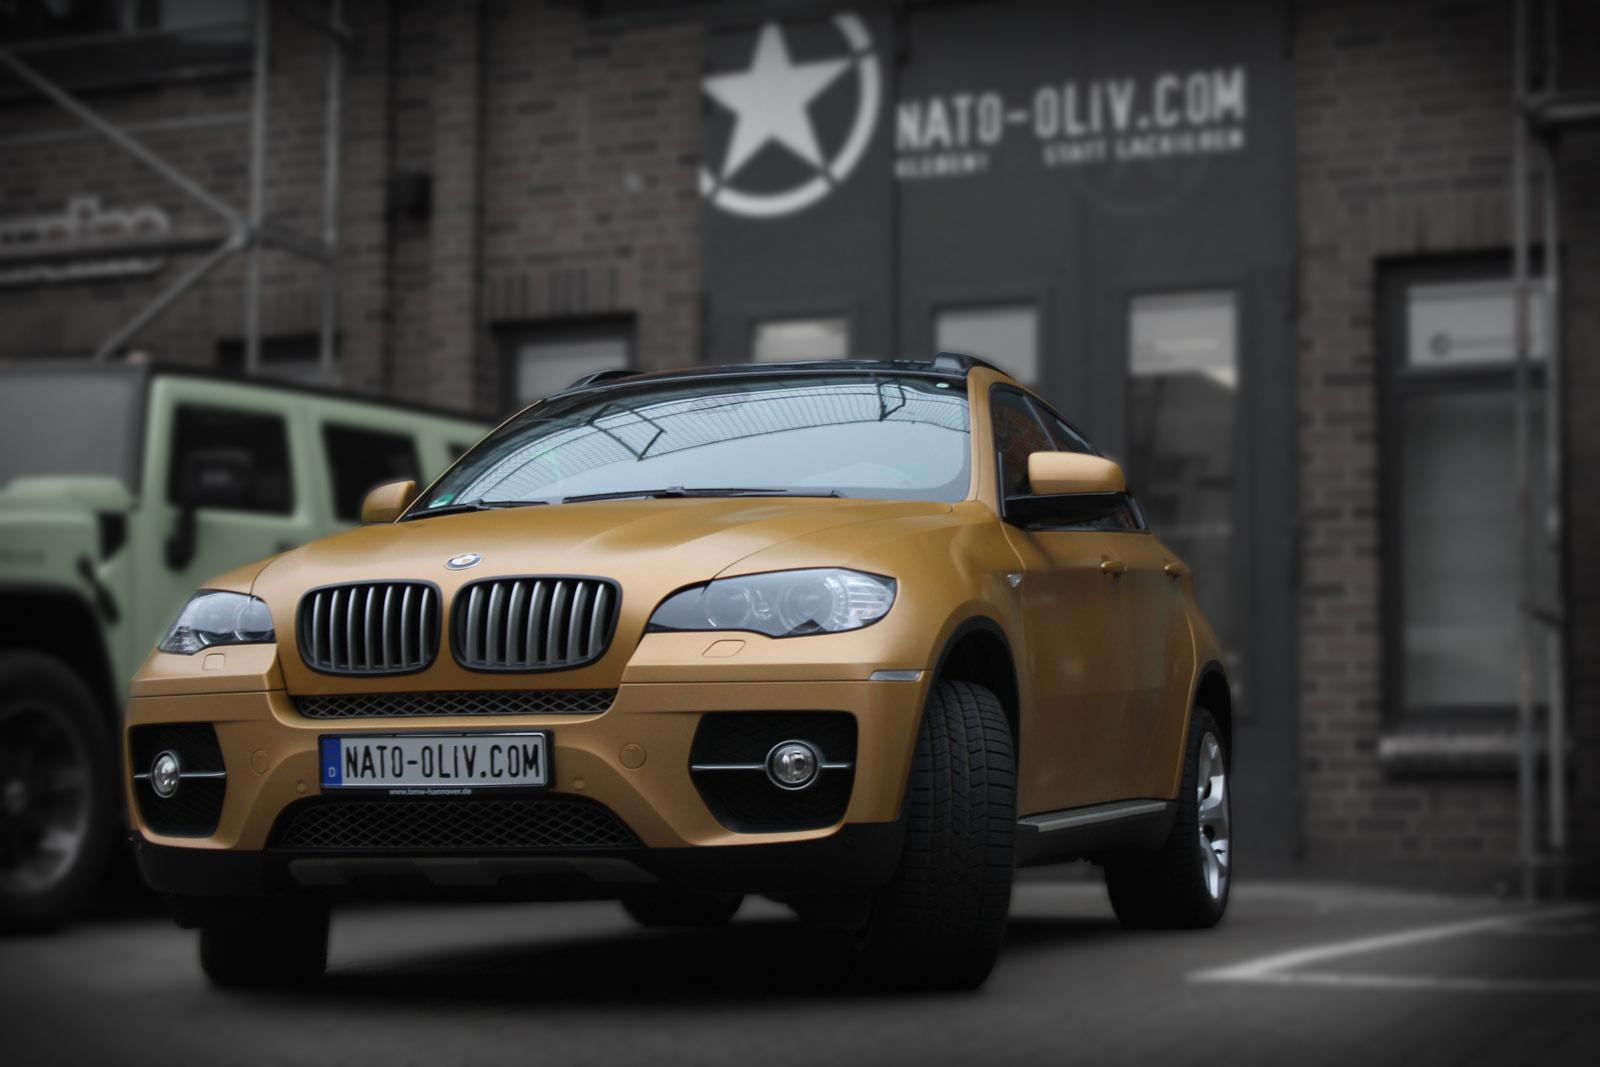 Dieser BMW X6 wurde mit goldener Folie komplett beklebt.